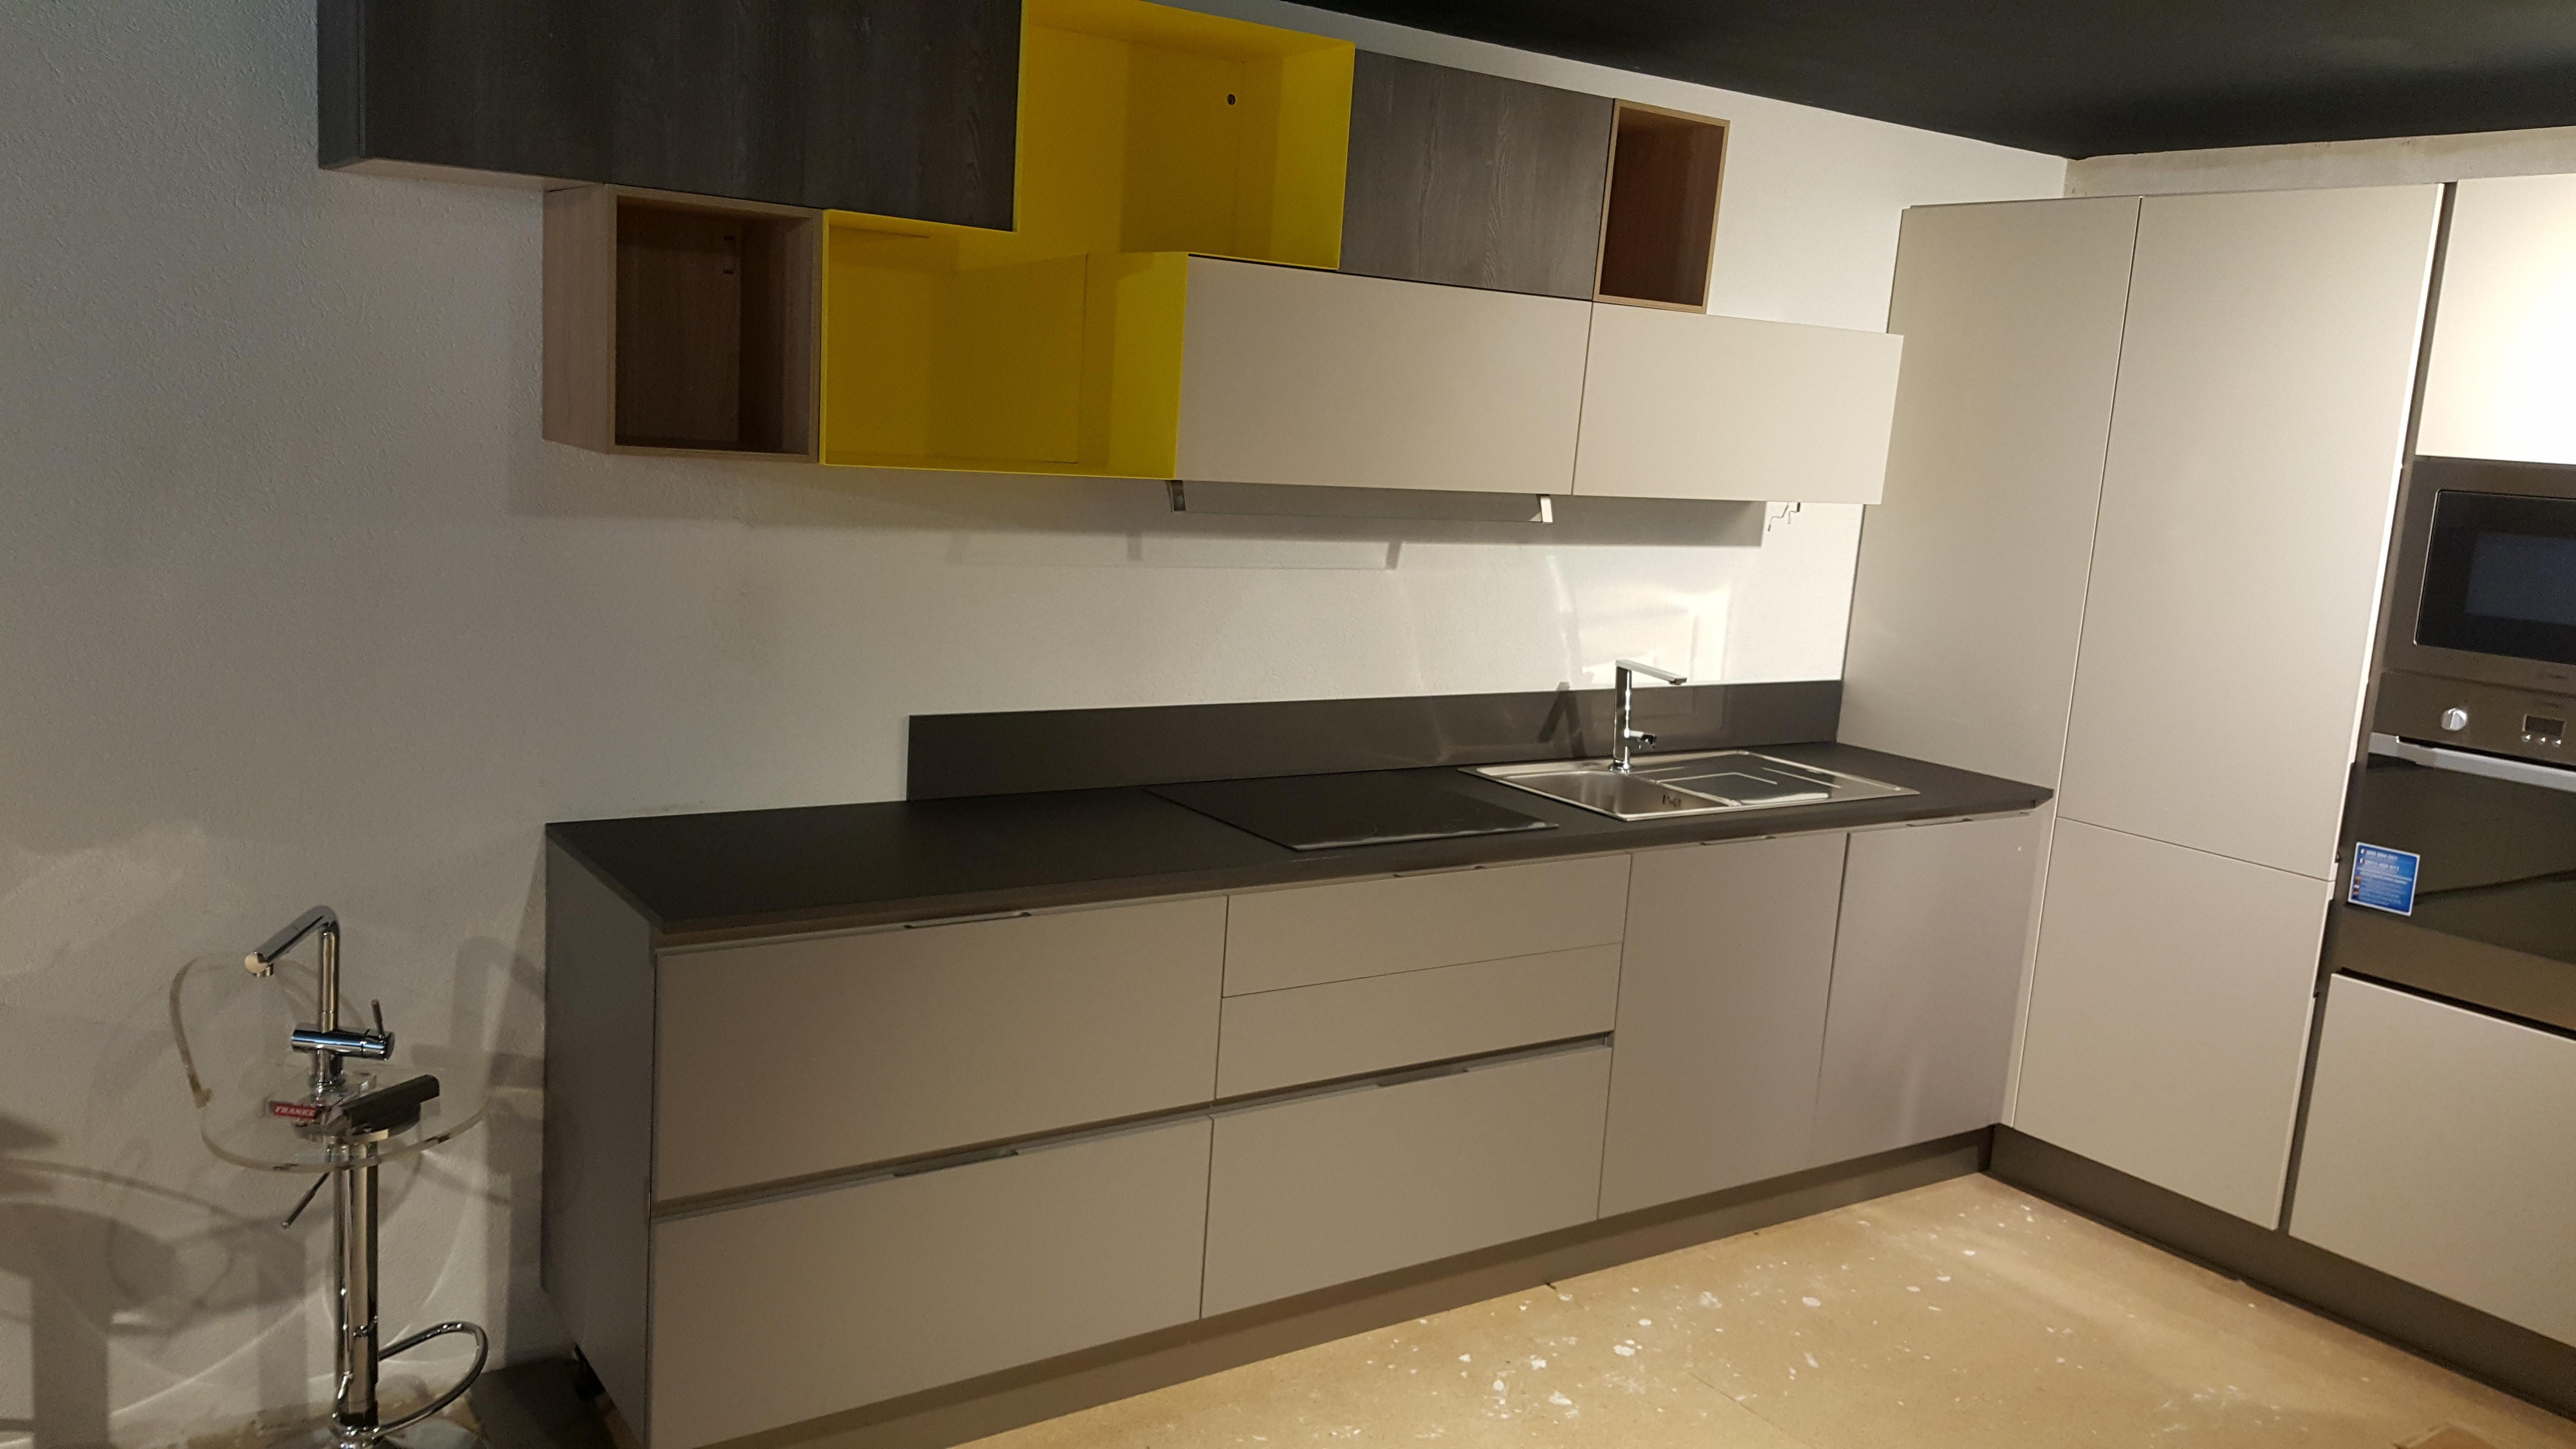 cuisine d 39 exposition avec lectrom nager vendre exposition de salles de bain cuisines. Black Bedroom Furniture Sets. Home Design Ideas